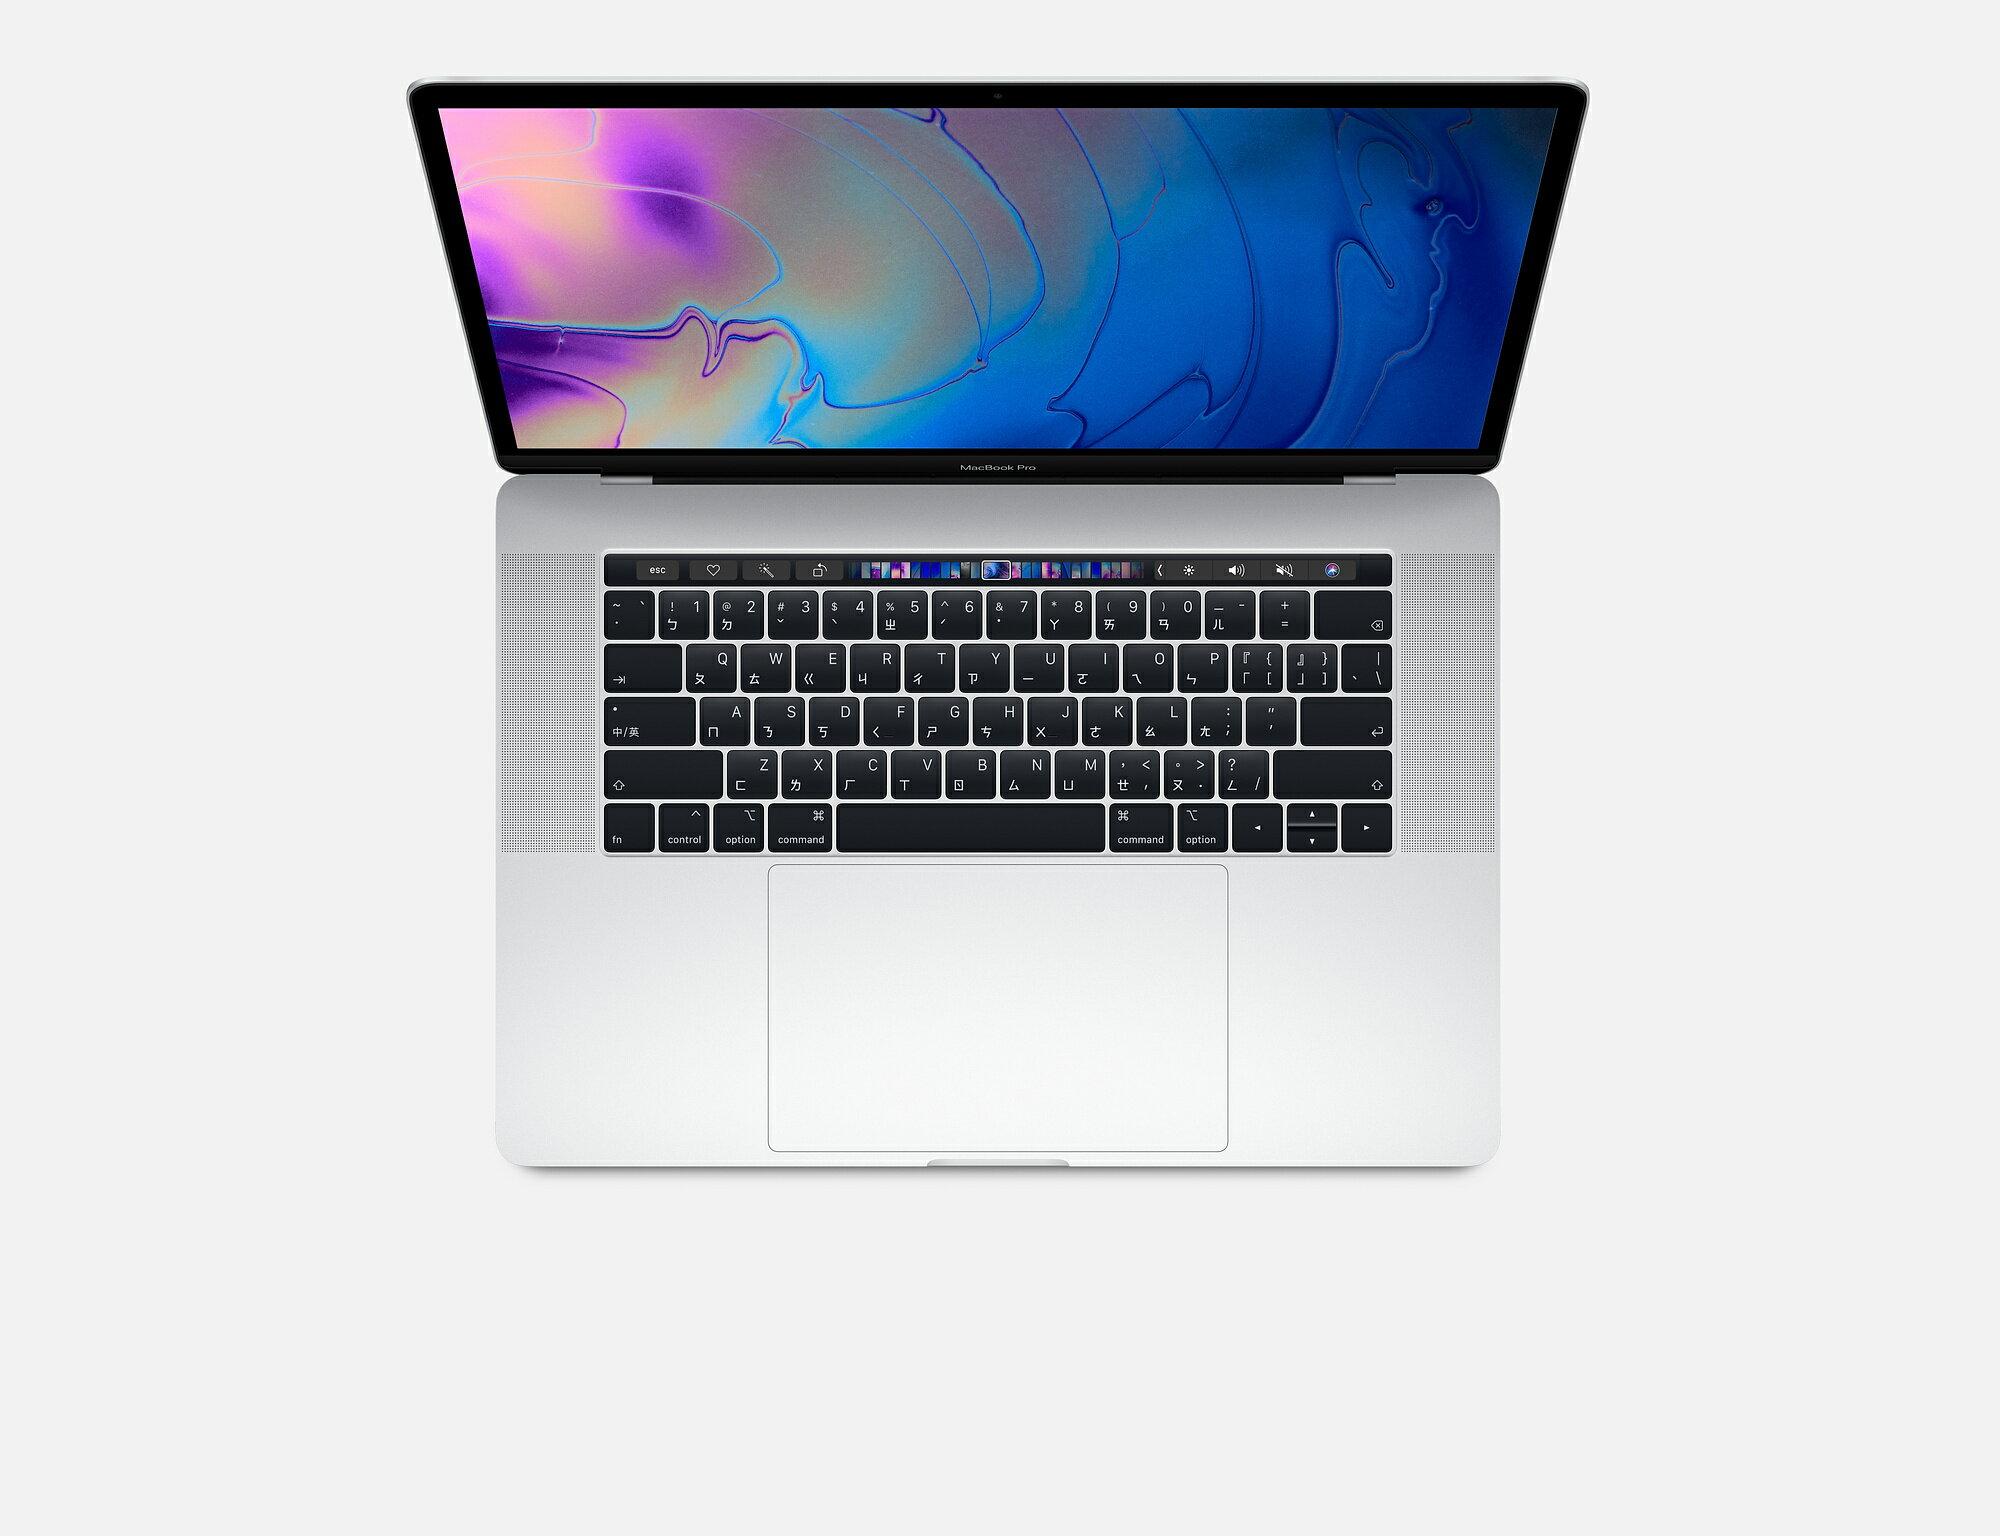 ★限時9折★ 2018 MacBook Pro 15吋 i7/2.6GHz/16G/512GB/Touch Bar(銀色) 台灣公司貨 佳成數位